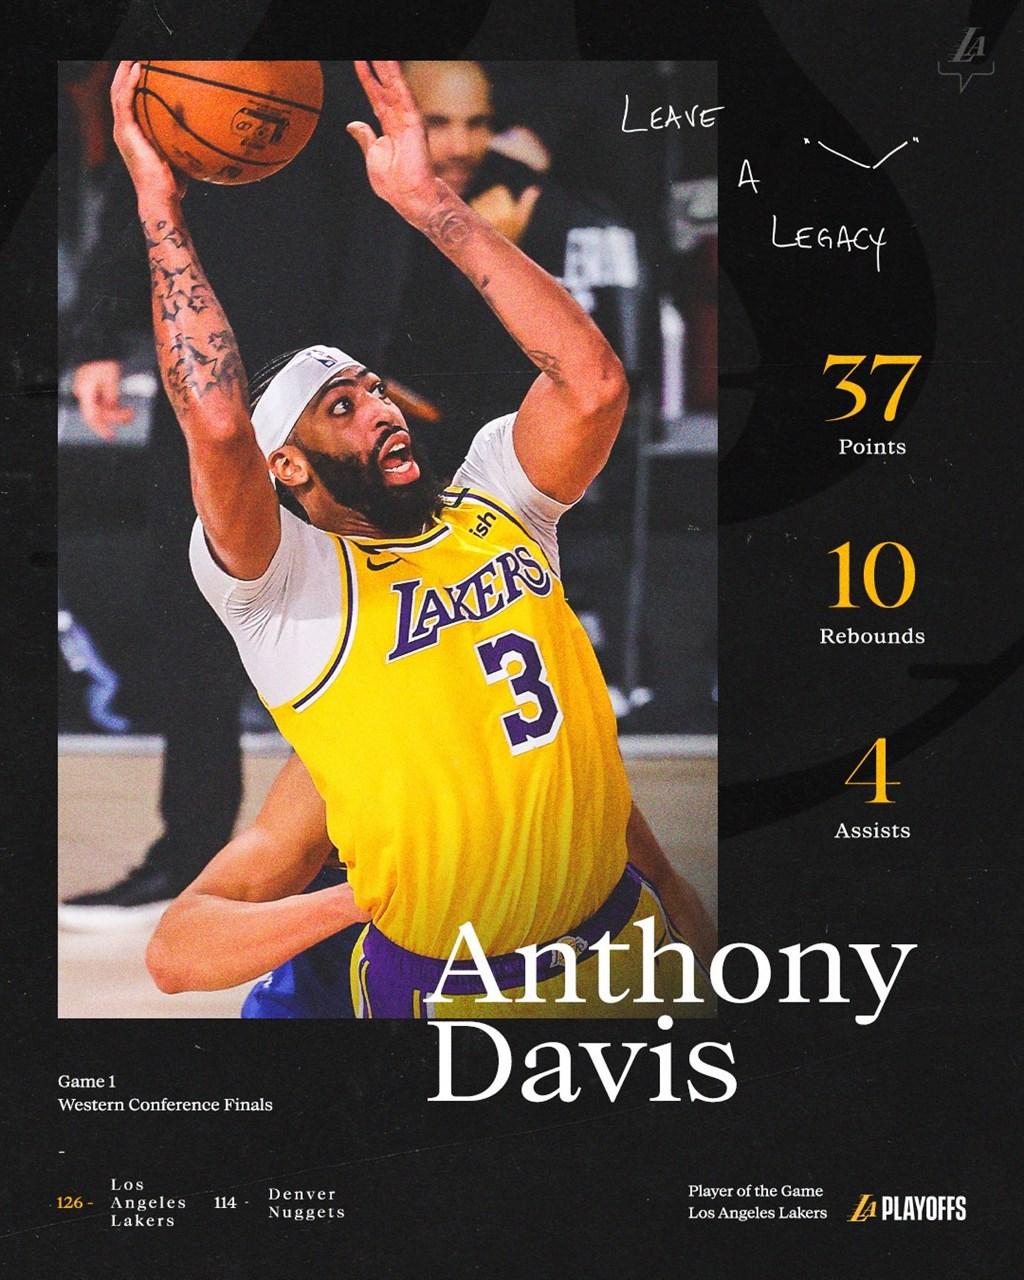 洛杉磯湖人隊「一眉哥」戴維斯18日拿下37分10籃板,幫湖人以126比114砸碎丹佛金塊。(圖取自twitter.com/Lakers)